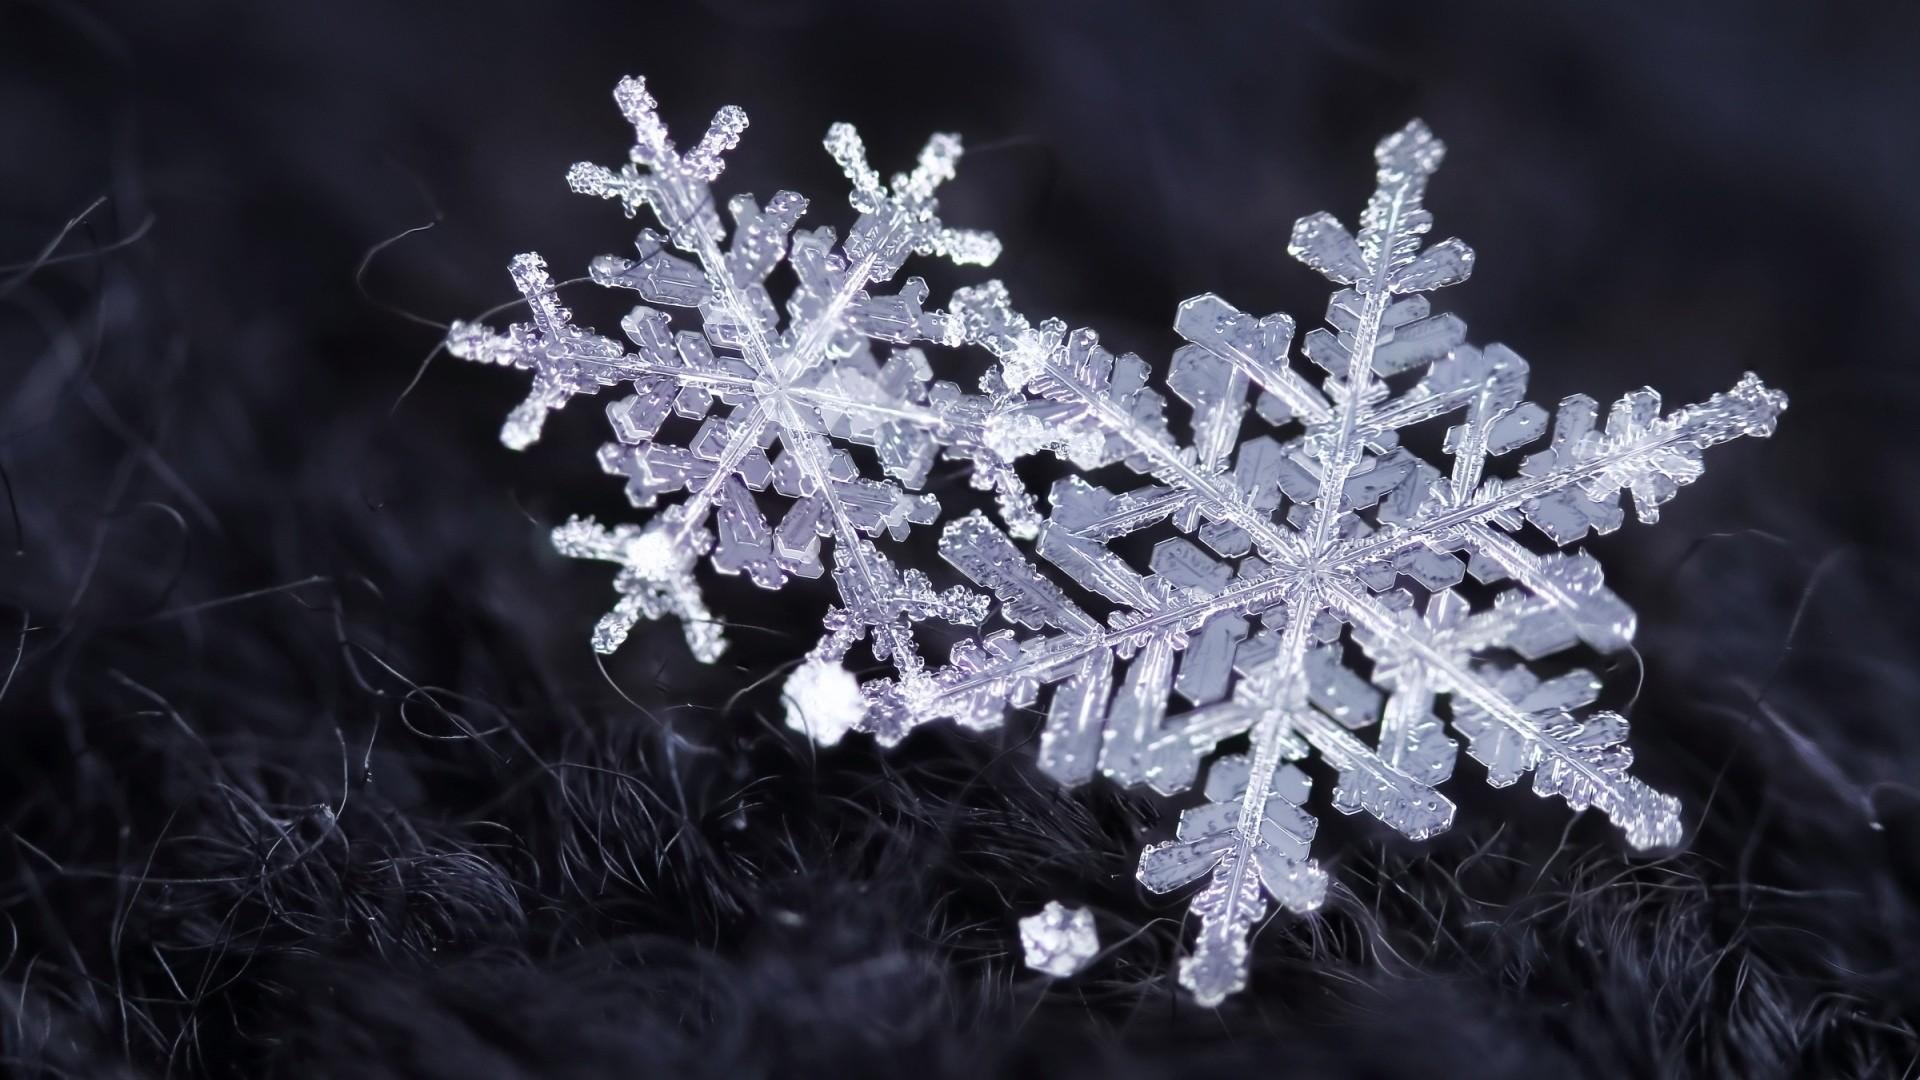 Snowflake Wallpaper Download Full